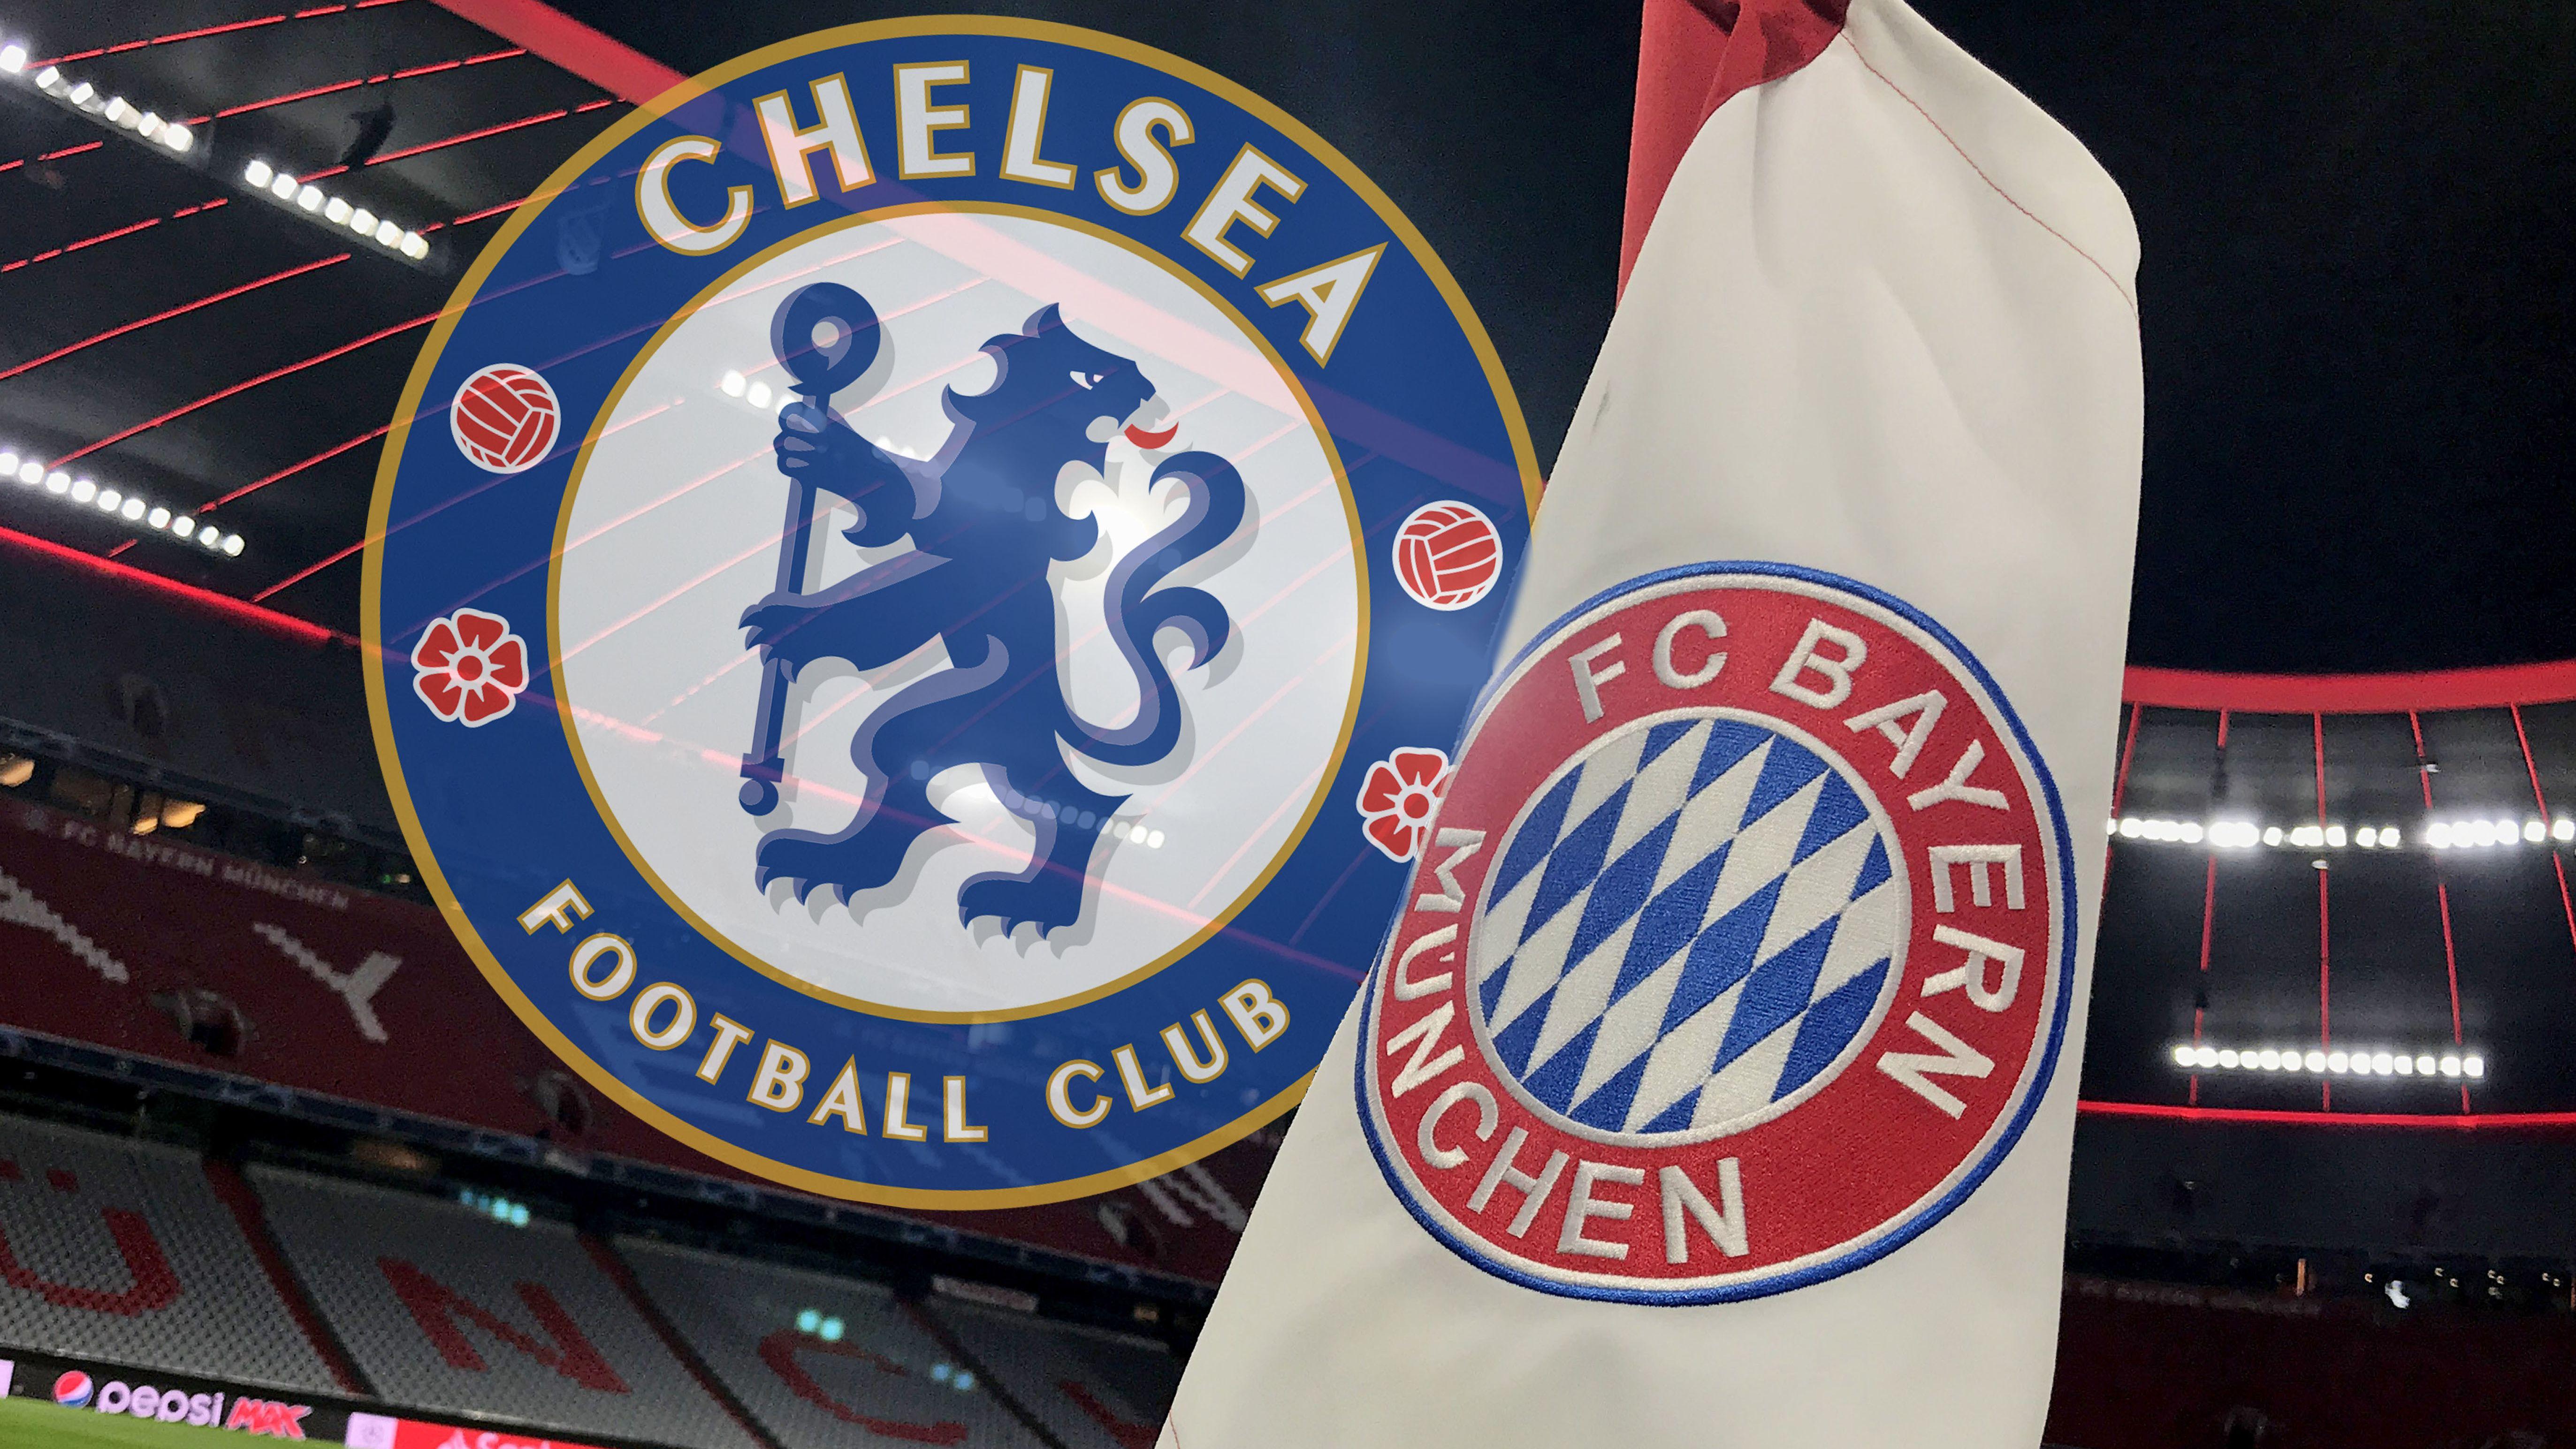 Achtelfinale gegen Chelsea: Bayern geben sich selbstbewusst